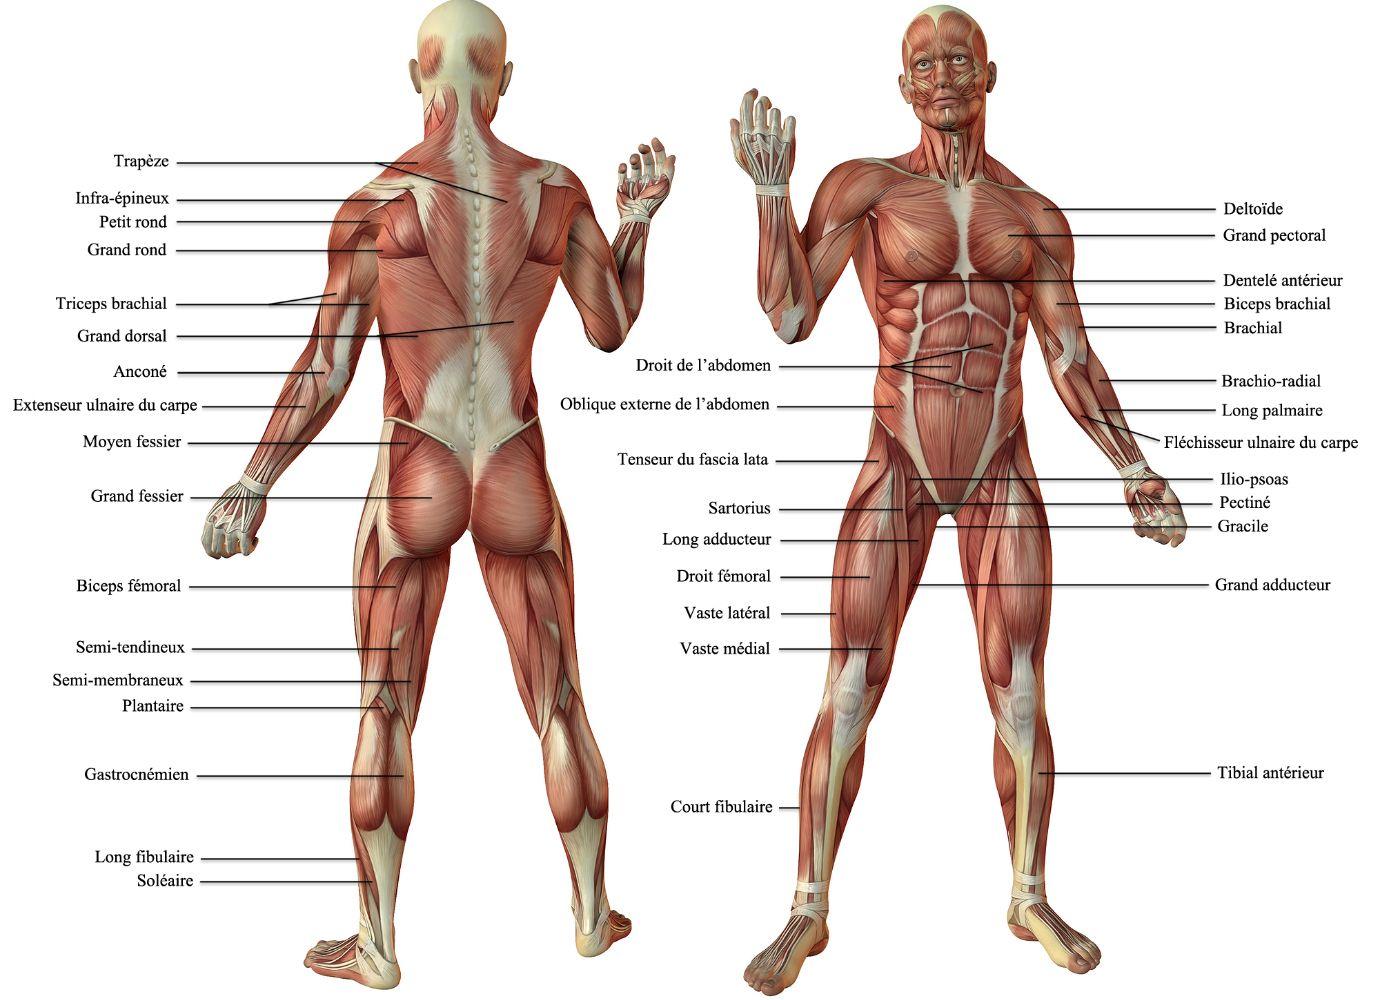 Anatomie des muscles du membre inférieur et supérieur Elle est ...